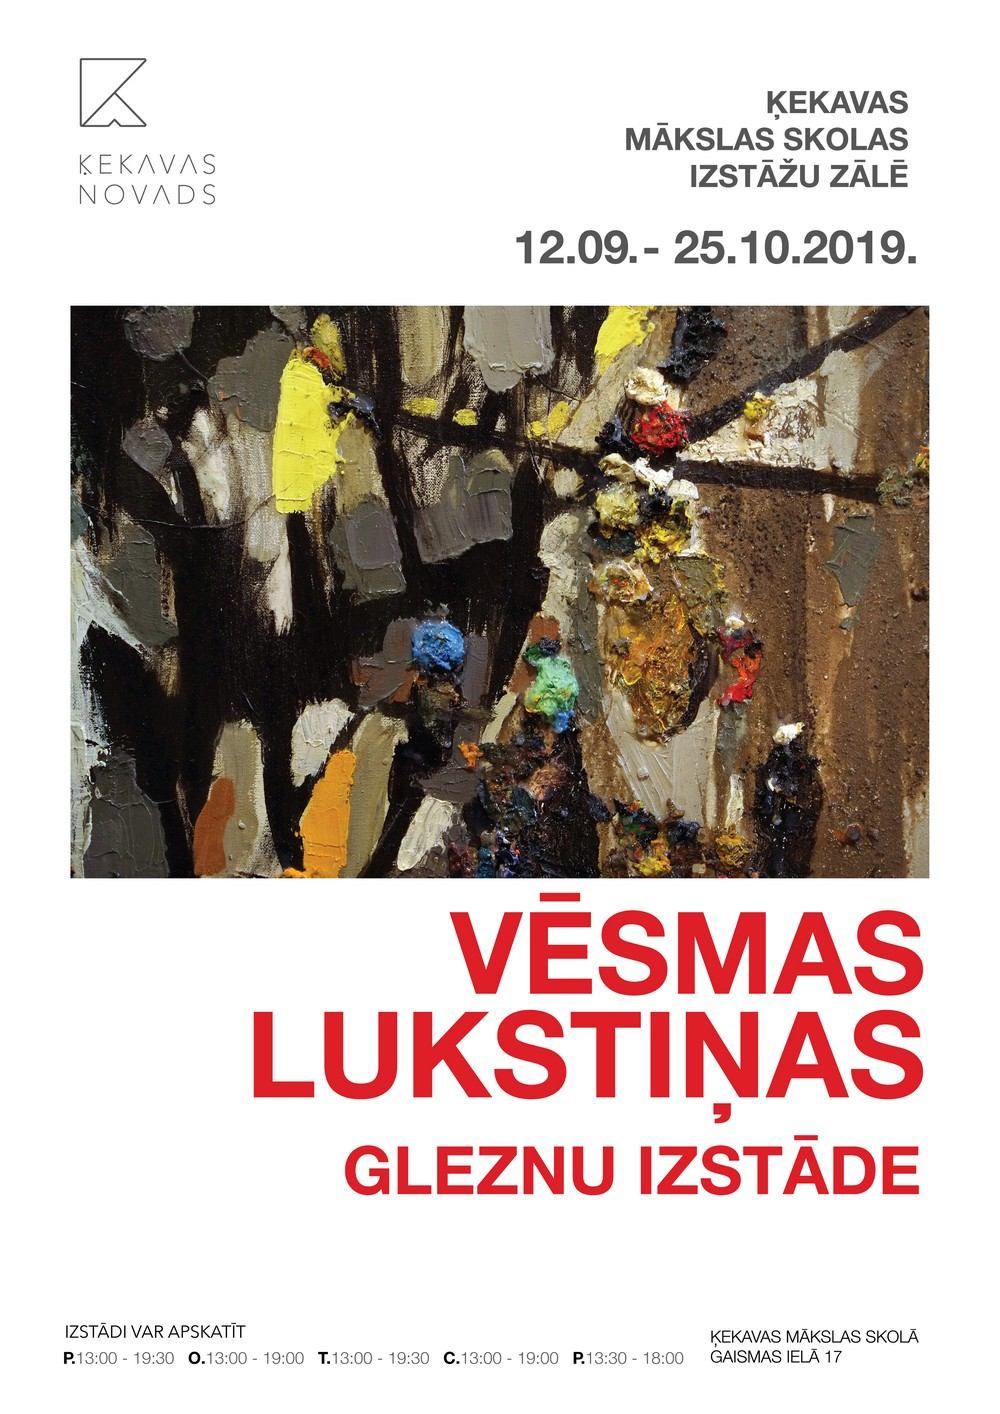 V_Lukstinas_izst_2019_ML_Izstades